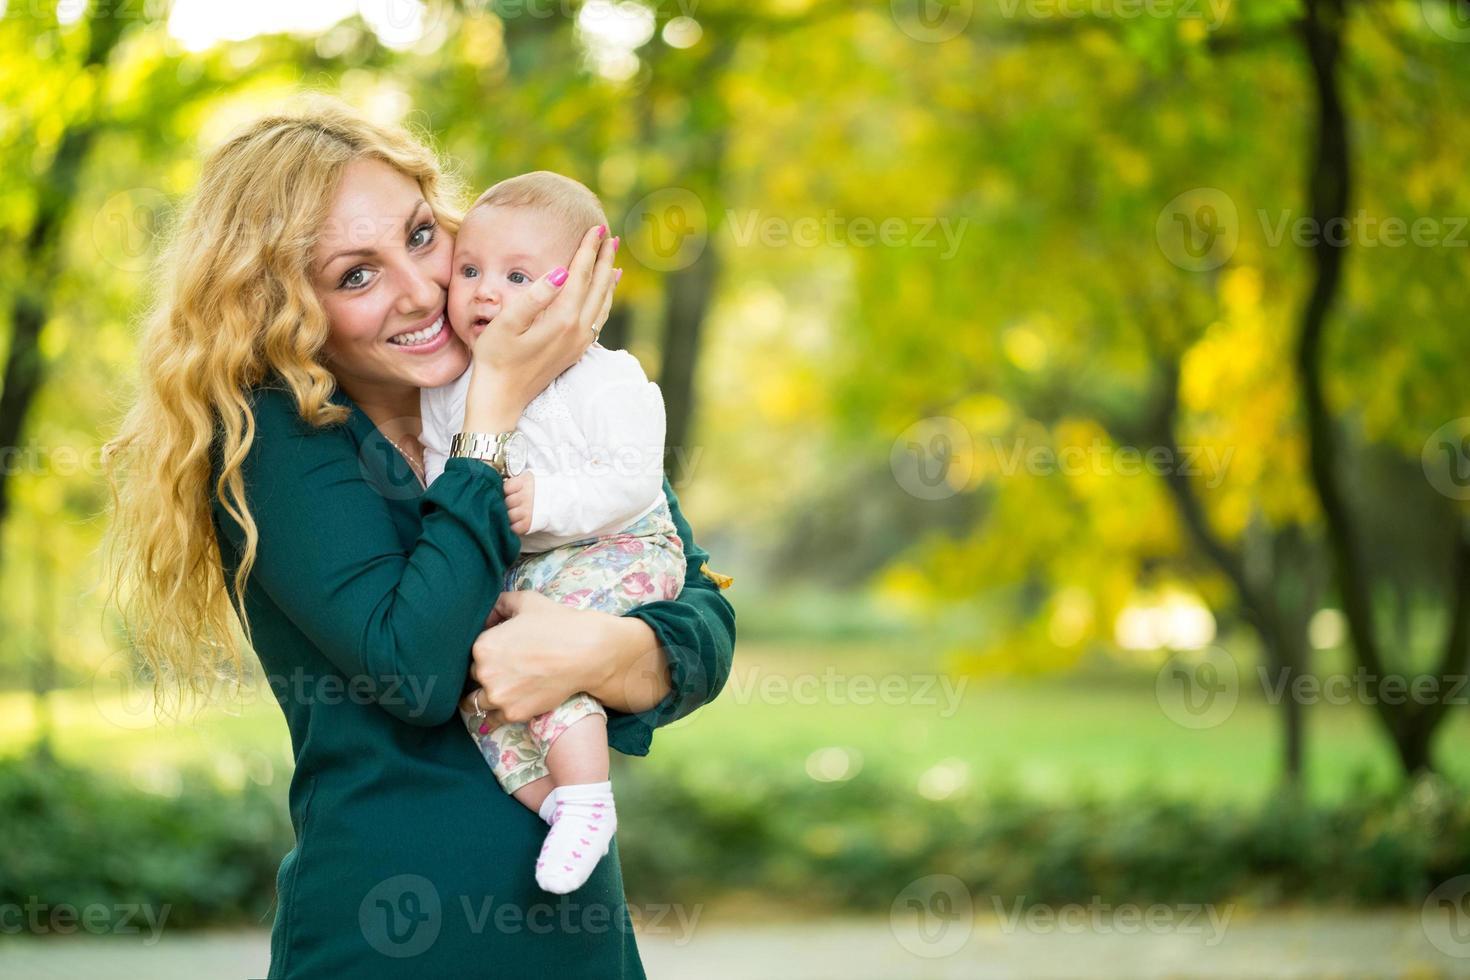 portrait de jeune mère avec bébé photo